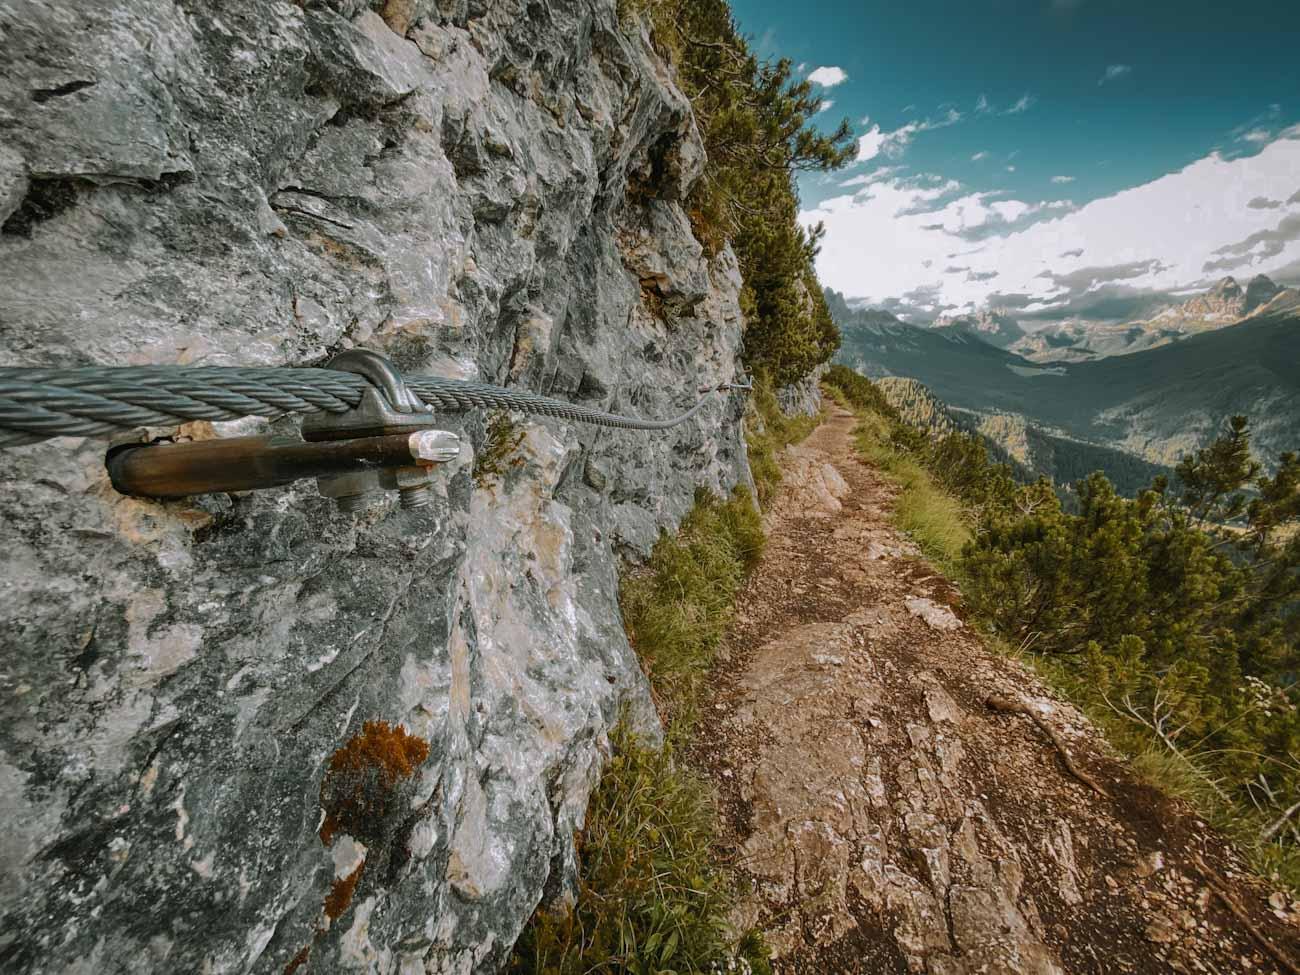 szlak 215 nad jezioro Sorapis w Alpach, Dolomitach